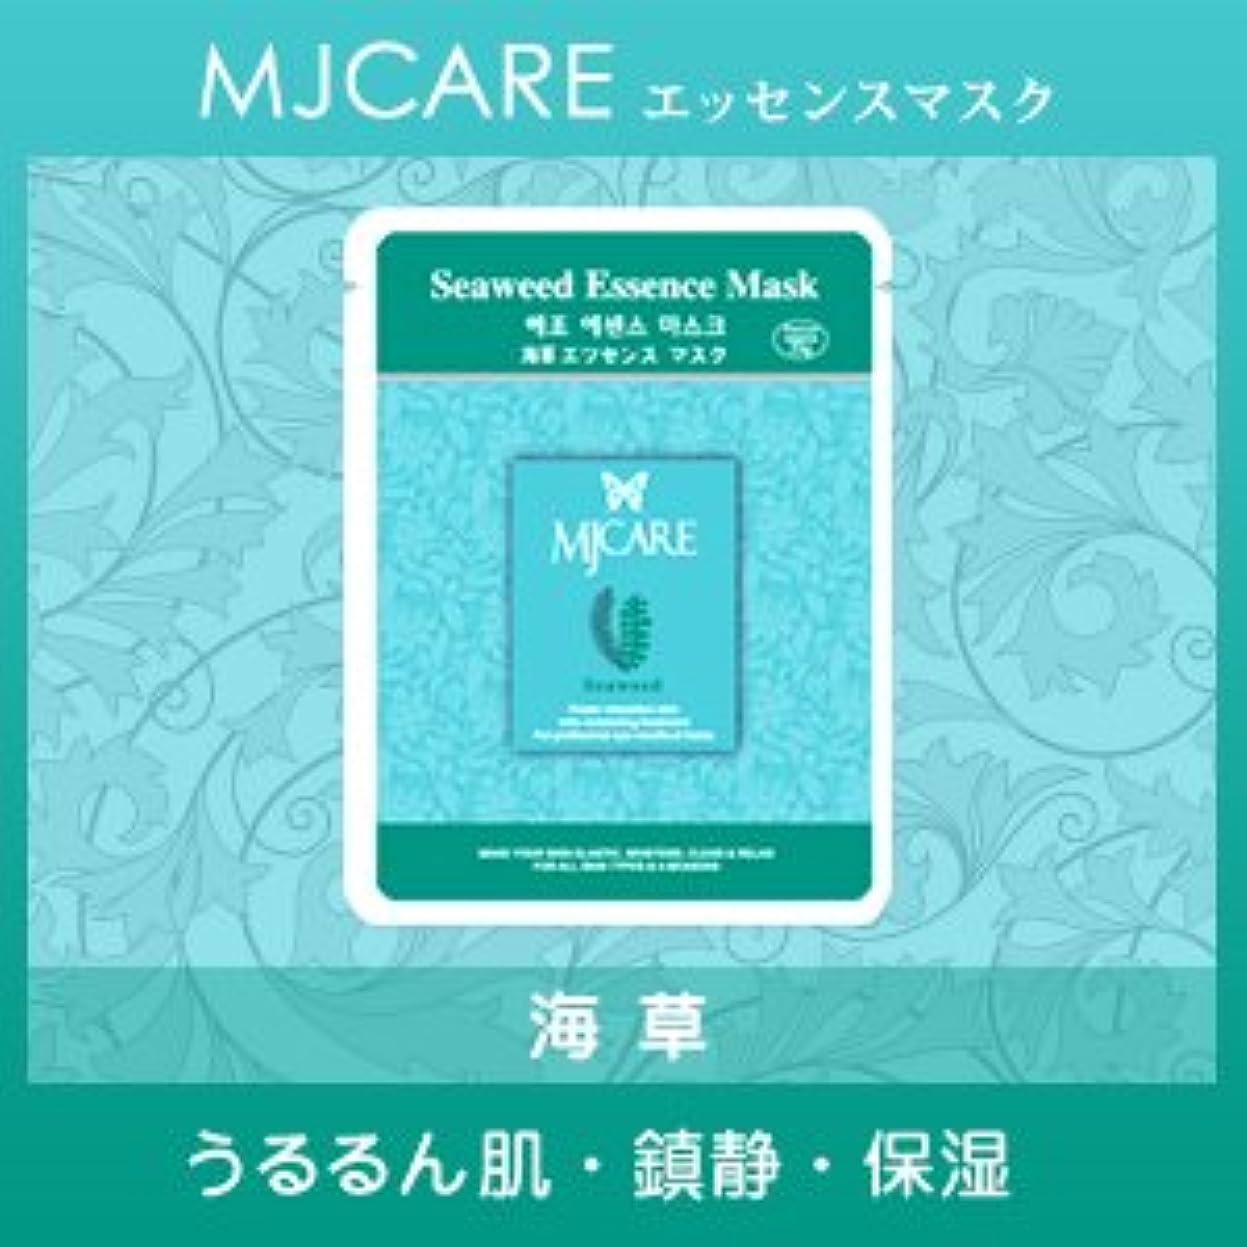 汚染された保全謎MJCARE (エムジェイケア) 海草 エッセンスマスク